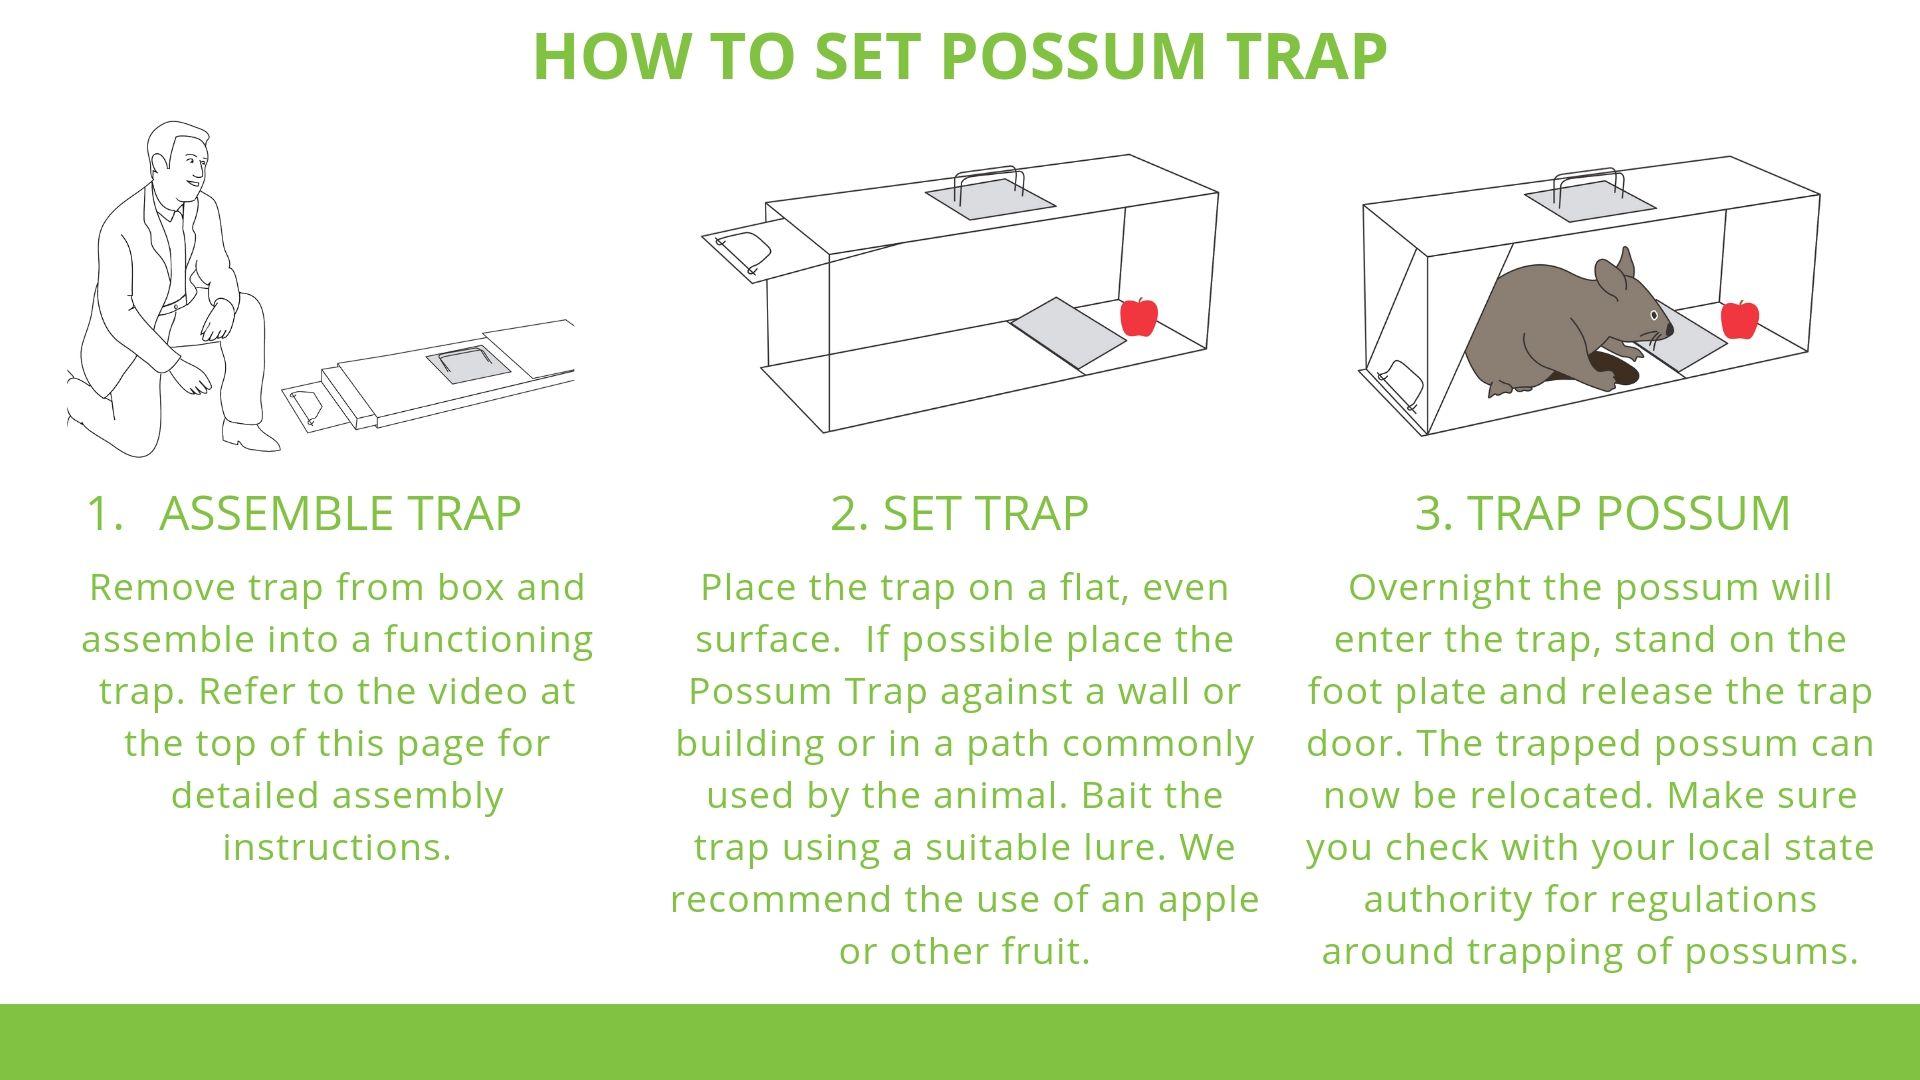 How to trap a possum